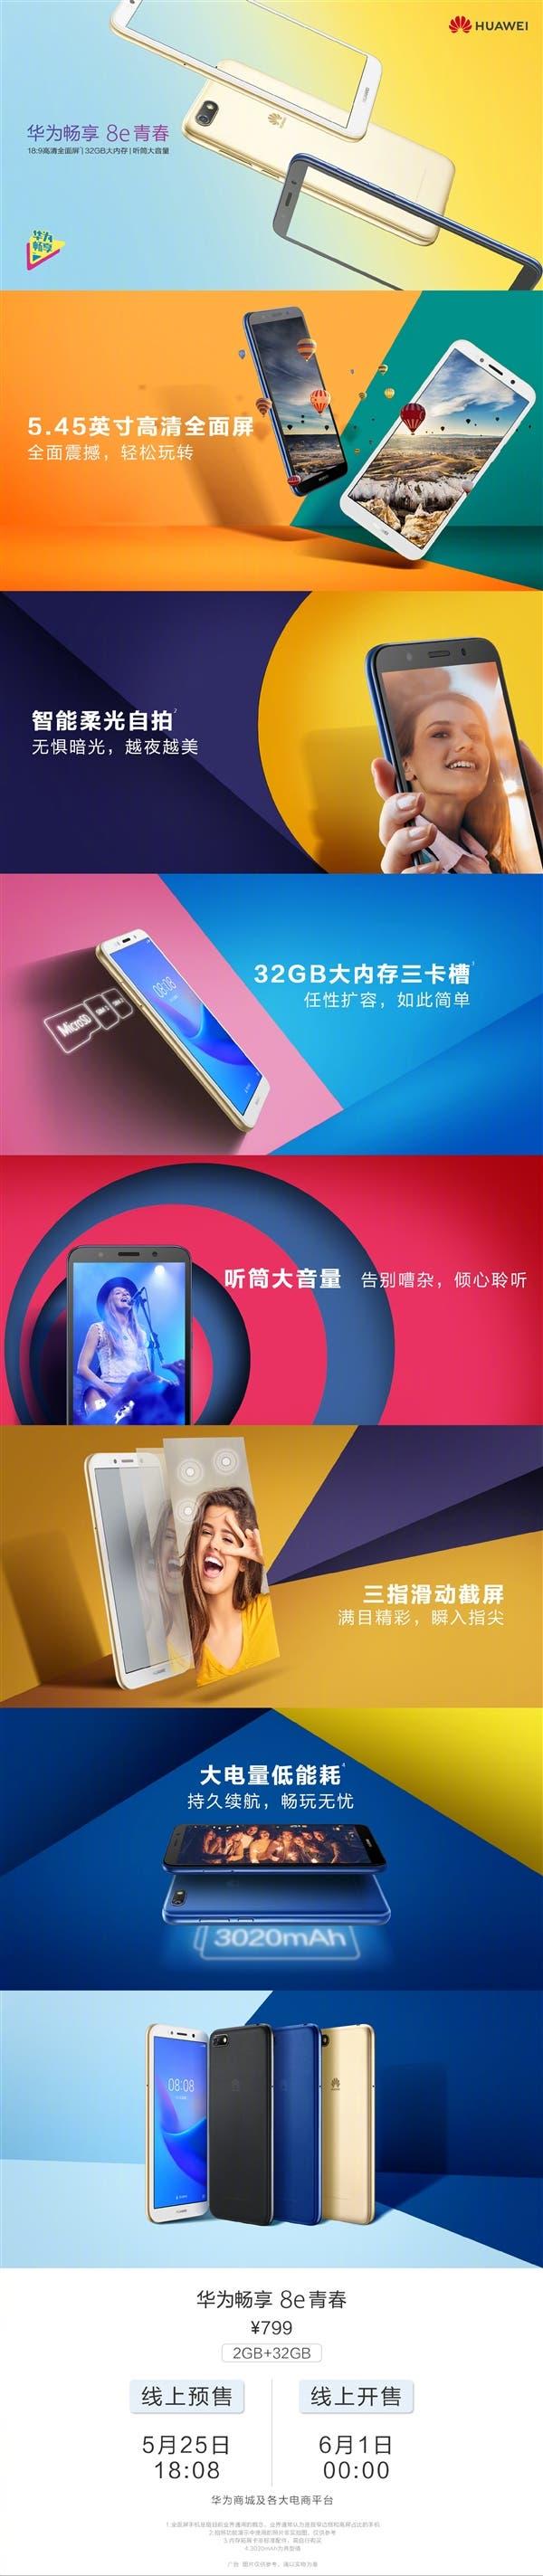 Huawei Enjoy 8e Youth Edition